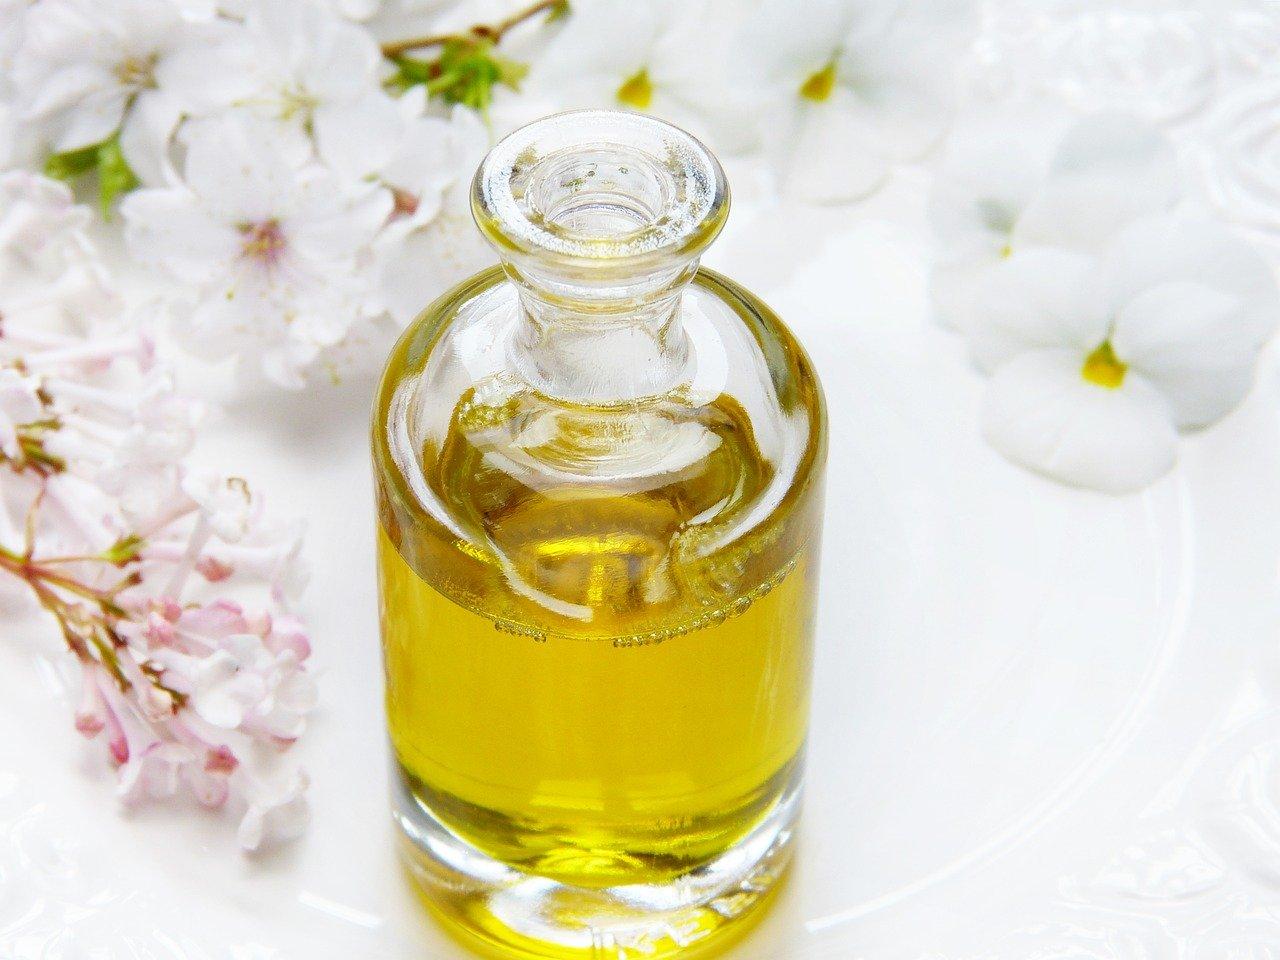 Zastosowanie oleju konopnego